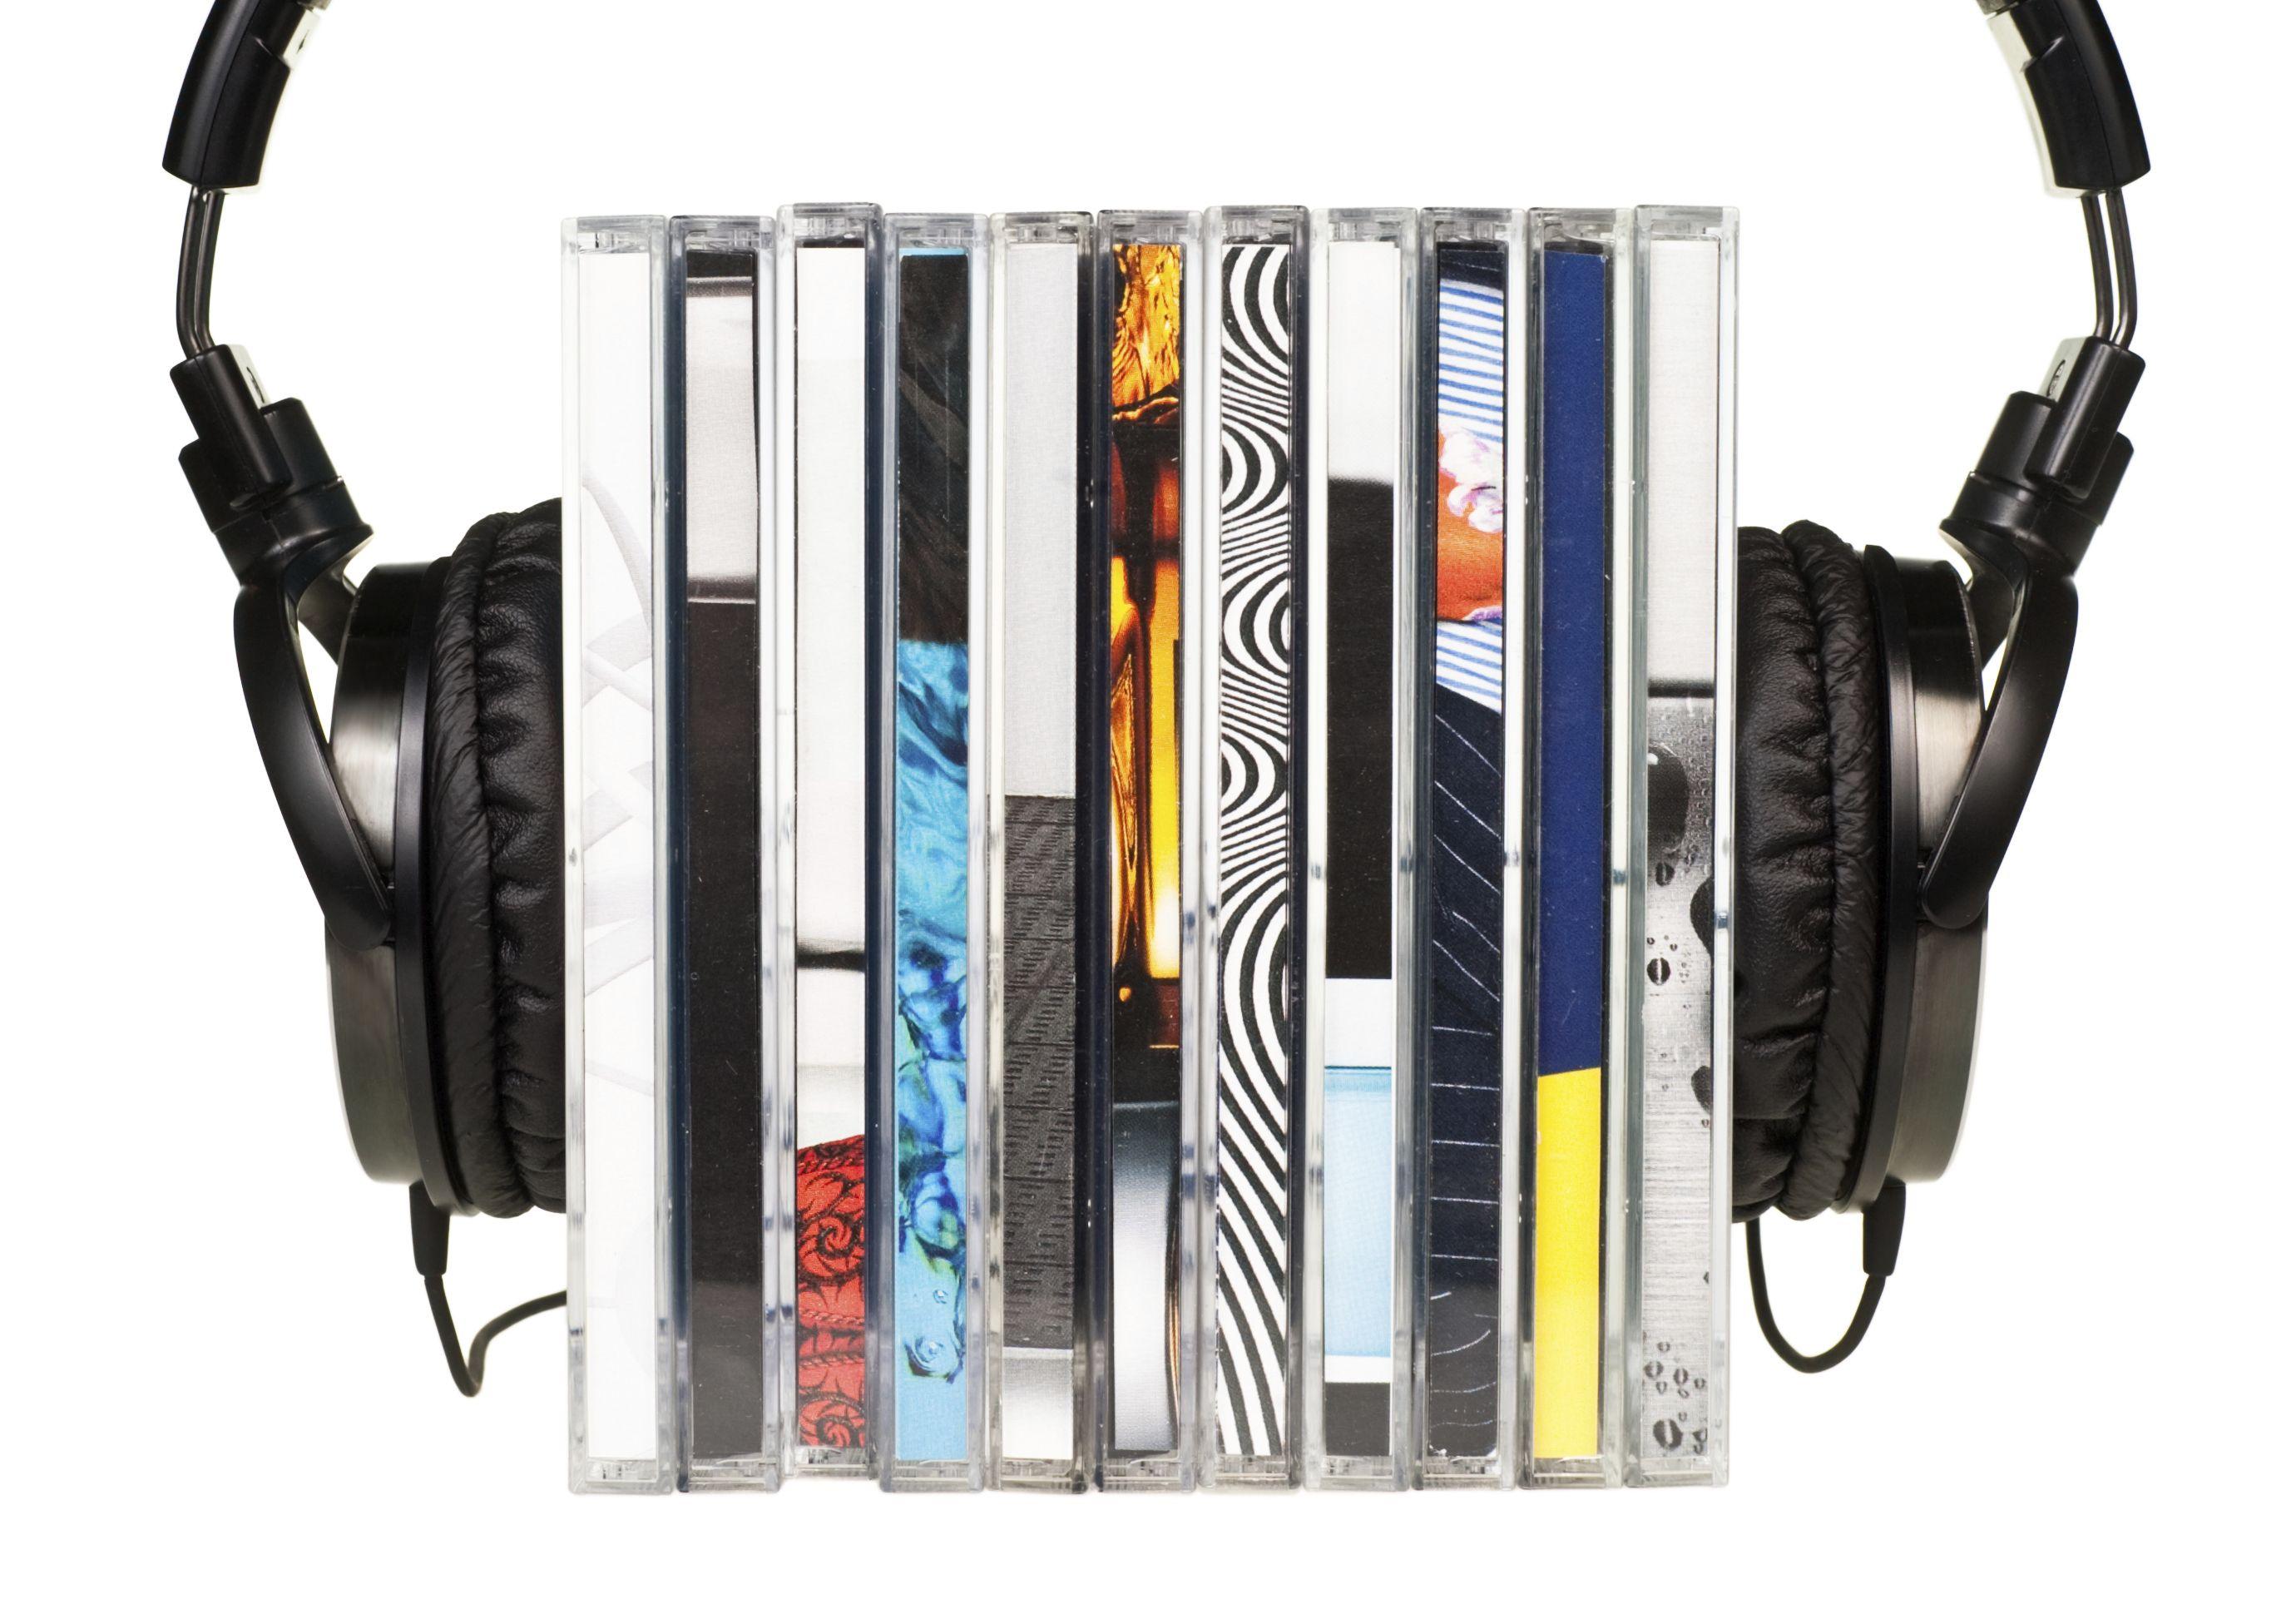 Música: Discos de vinil e CDs